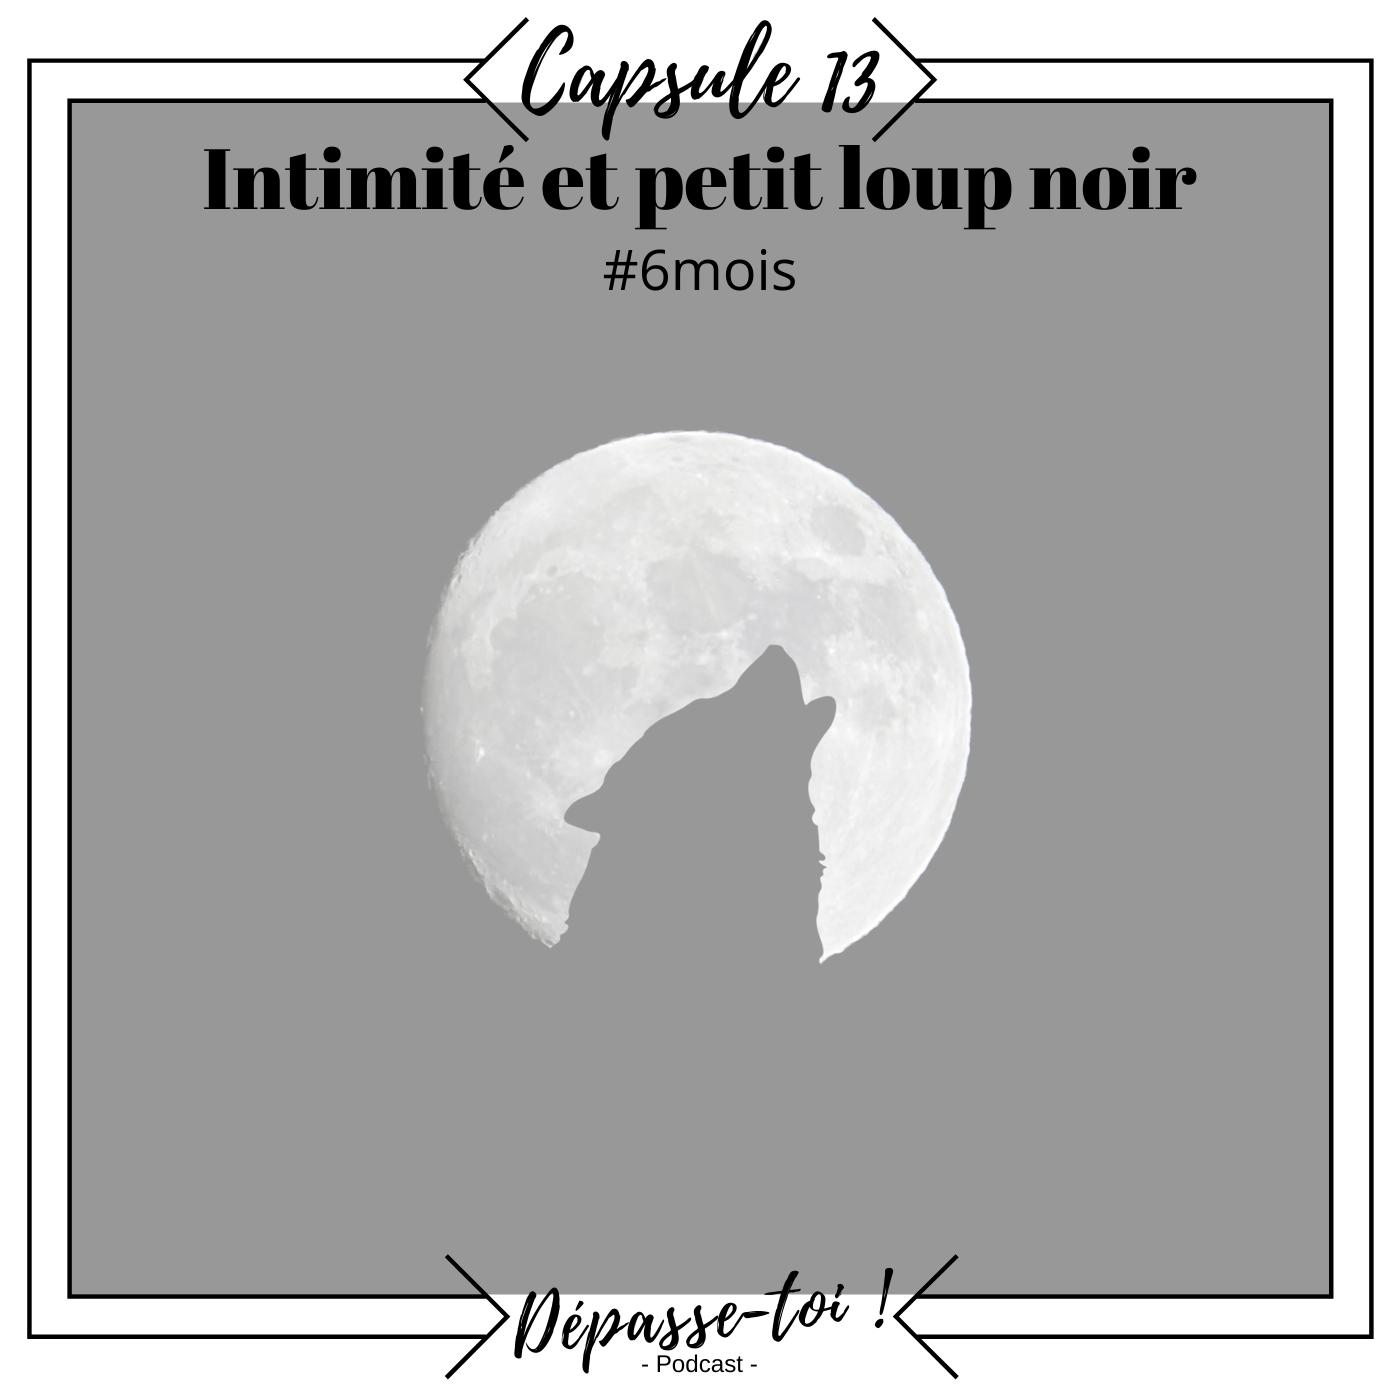 Capsule #13 -  Intimité et petit loup noir (#6mois) 🔦